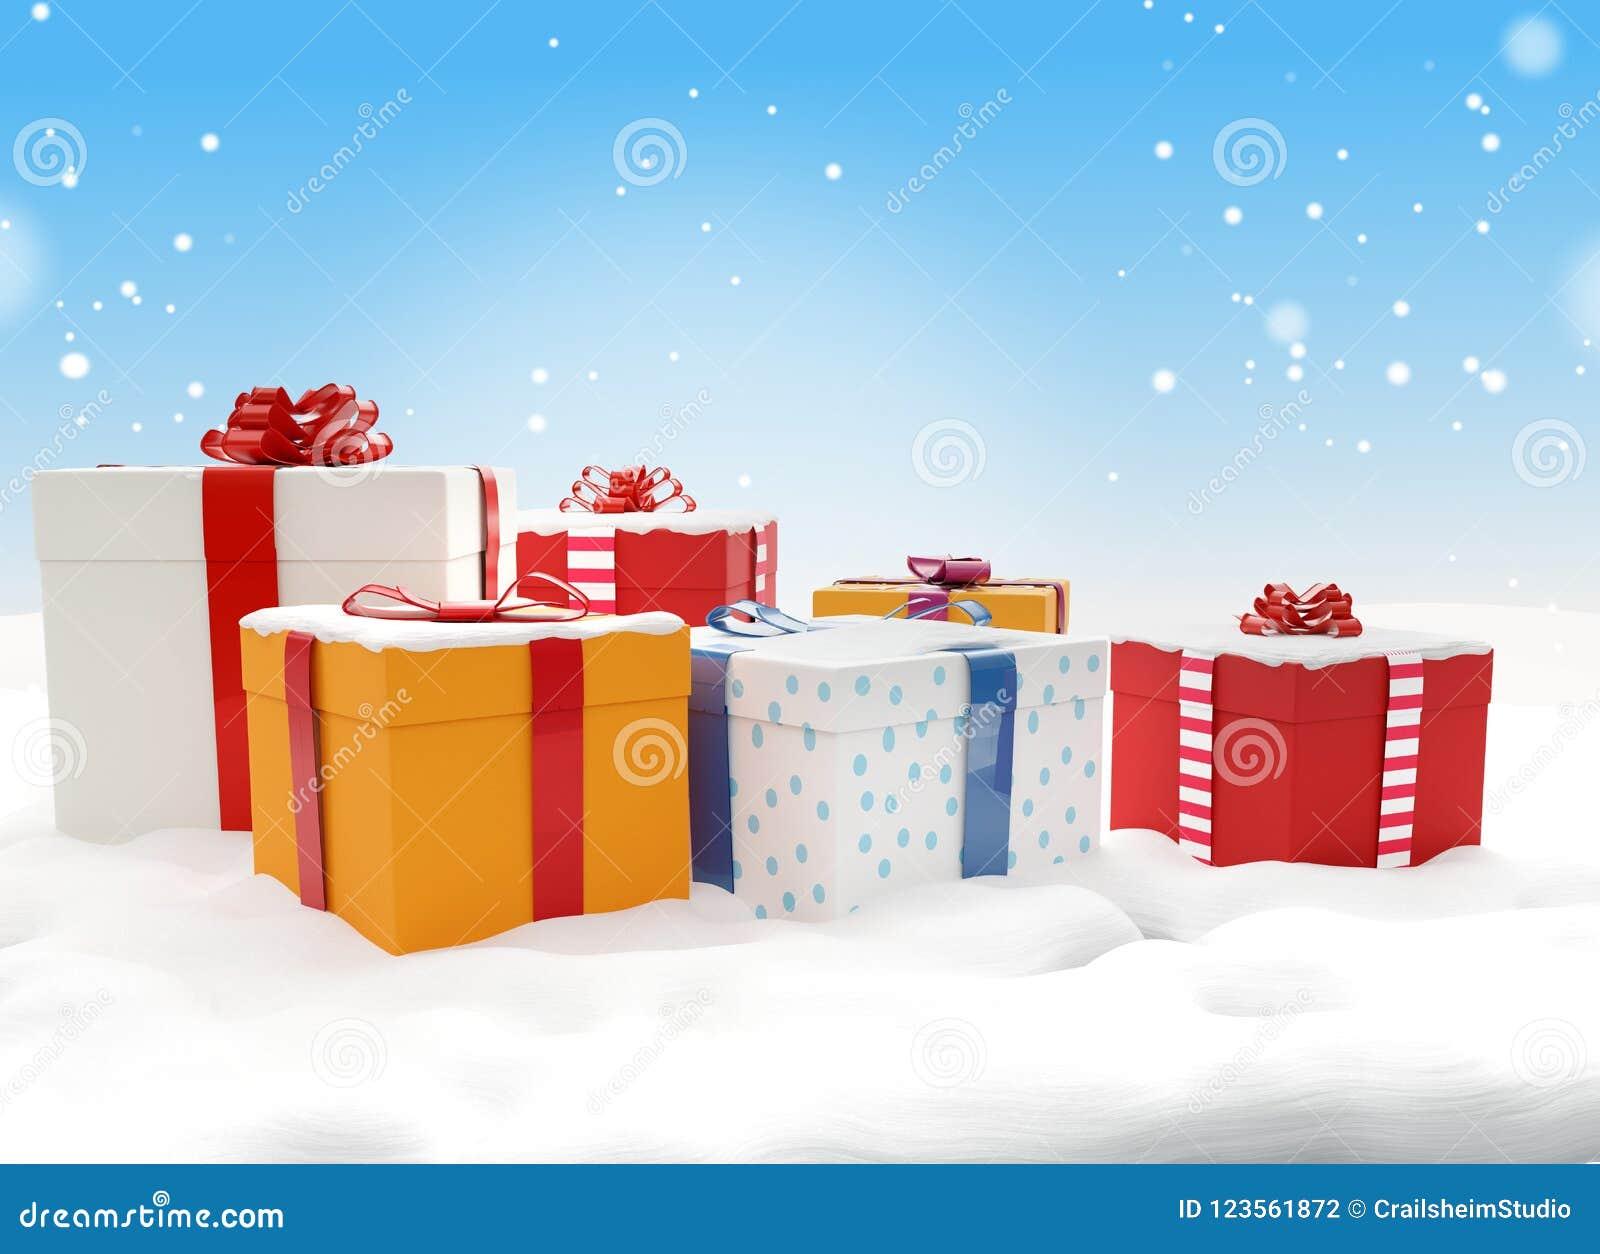 Scatole Per Regali Di Natale.Scatole 3d Illustration Dei Regali Di Natale Dei Regali Di Natale